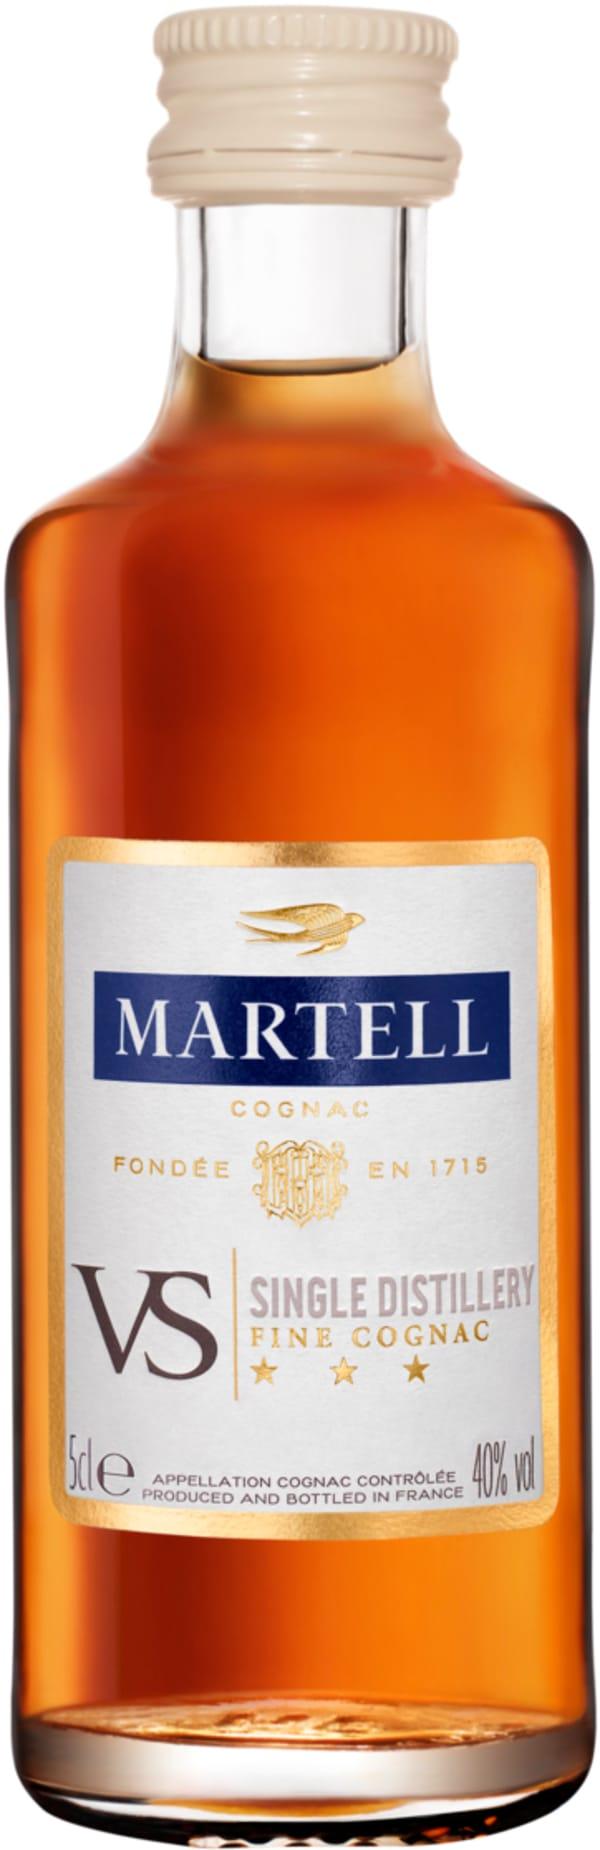 Martell VS Single Distillery